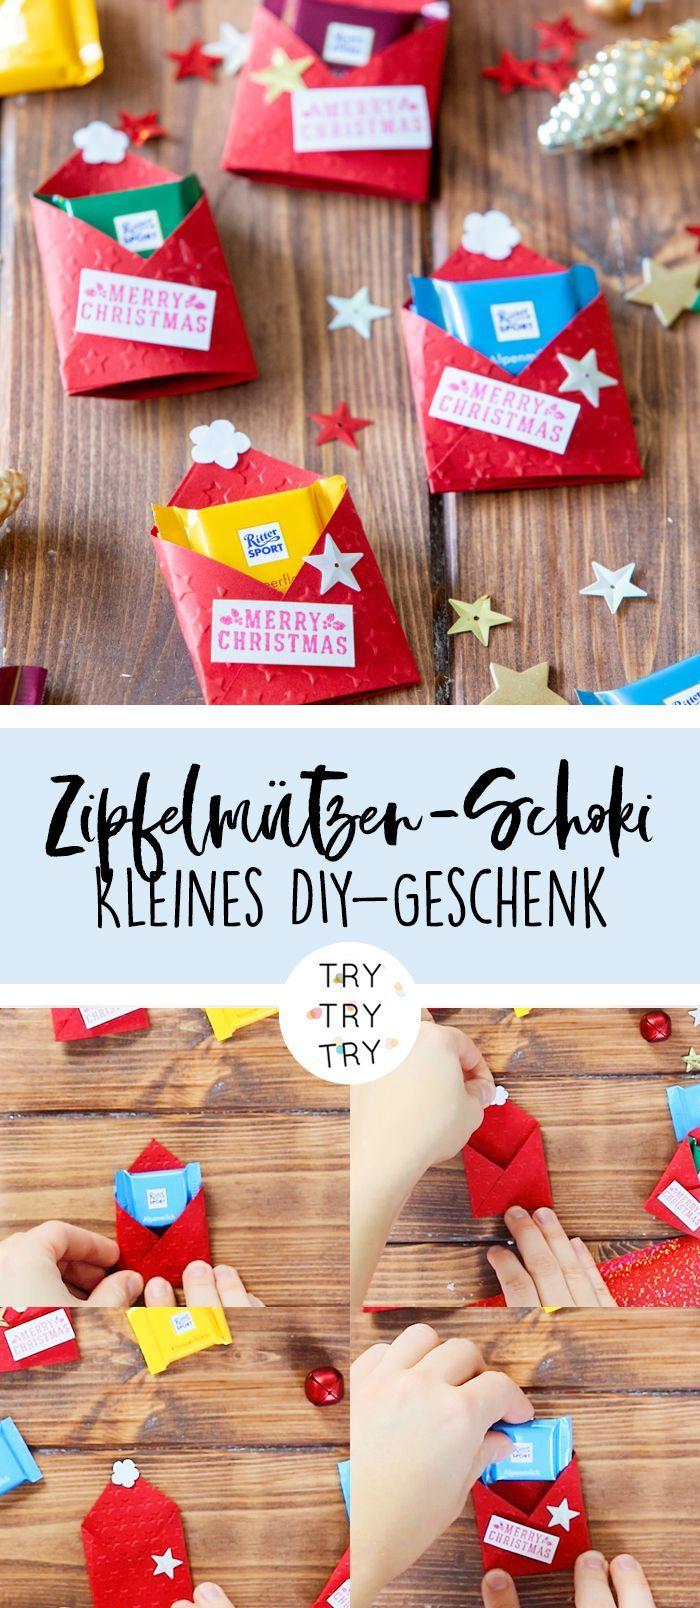 Chocolate Lace Caps / kleine Aufmerksamkeit / kleine DIY Geschenk / in sich geschlossen …   – Wichtelgeschenke & Nikolausgeschenke